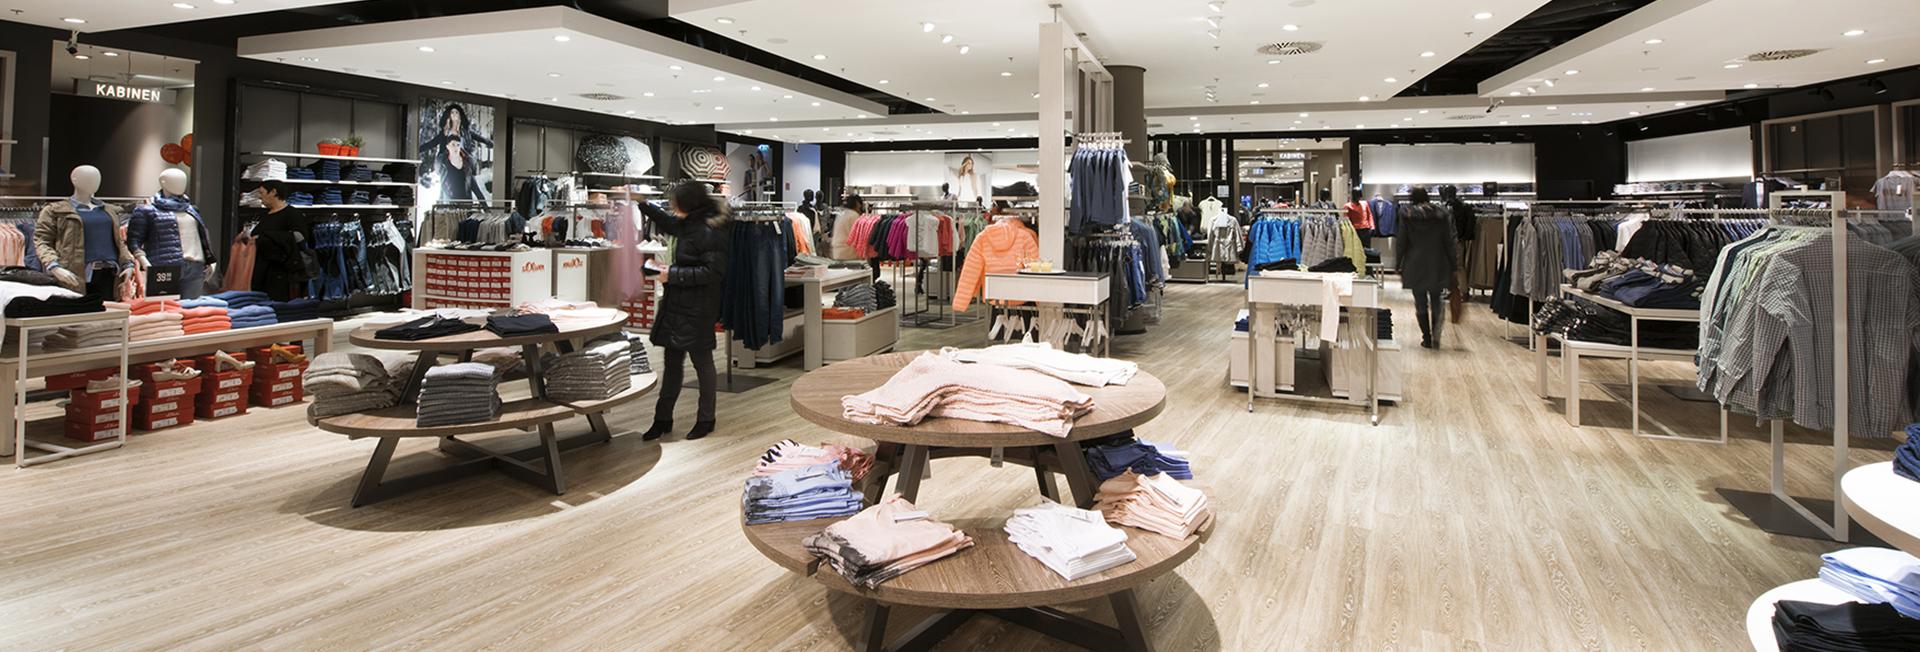 weltweit bekannt stabile Qualität hell im Glanz s.Oliver - Kaufhaus Tyrol